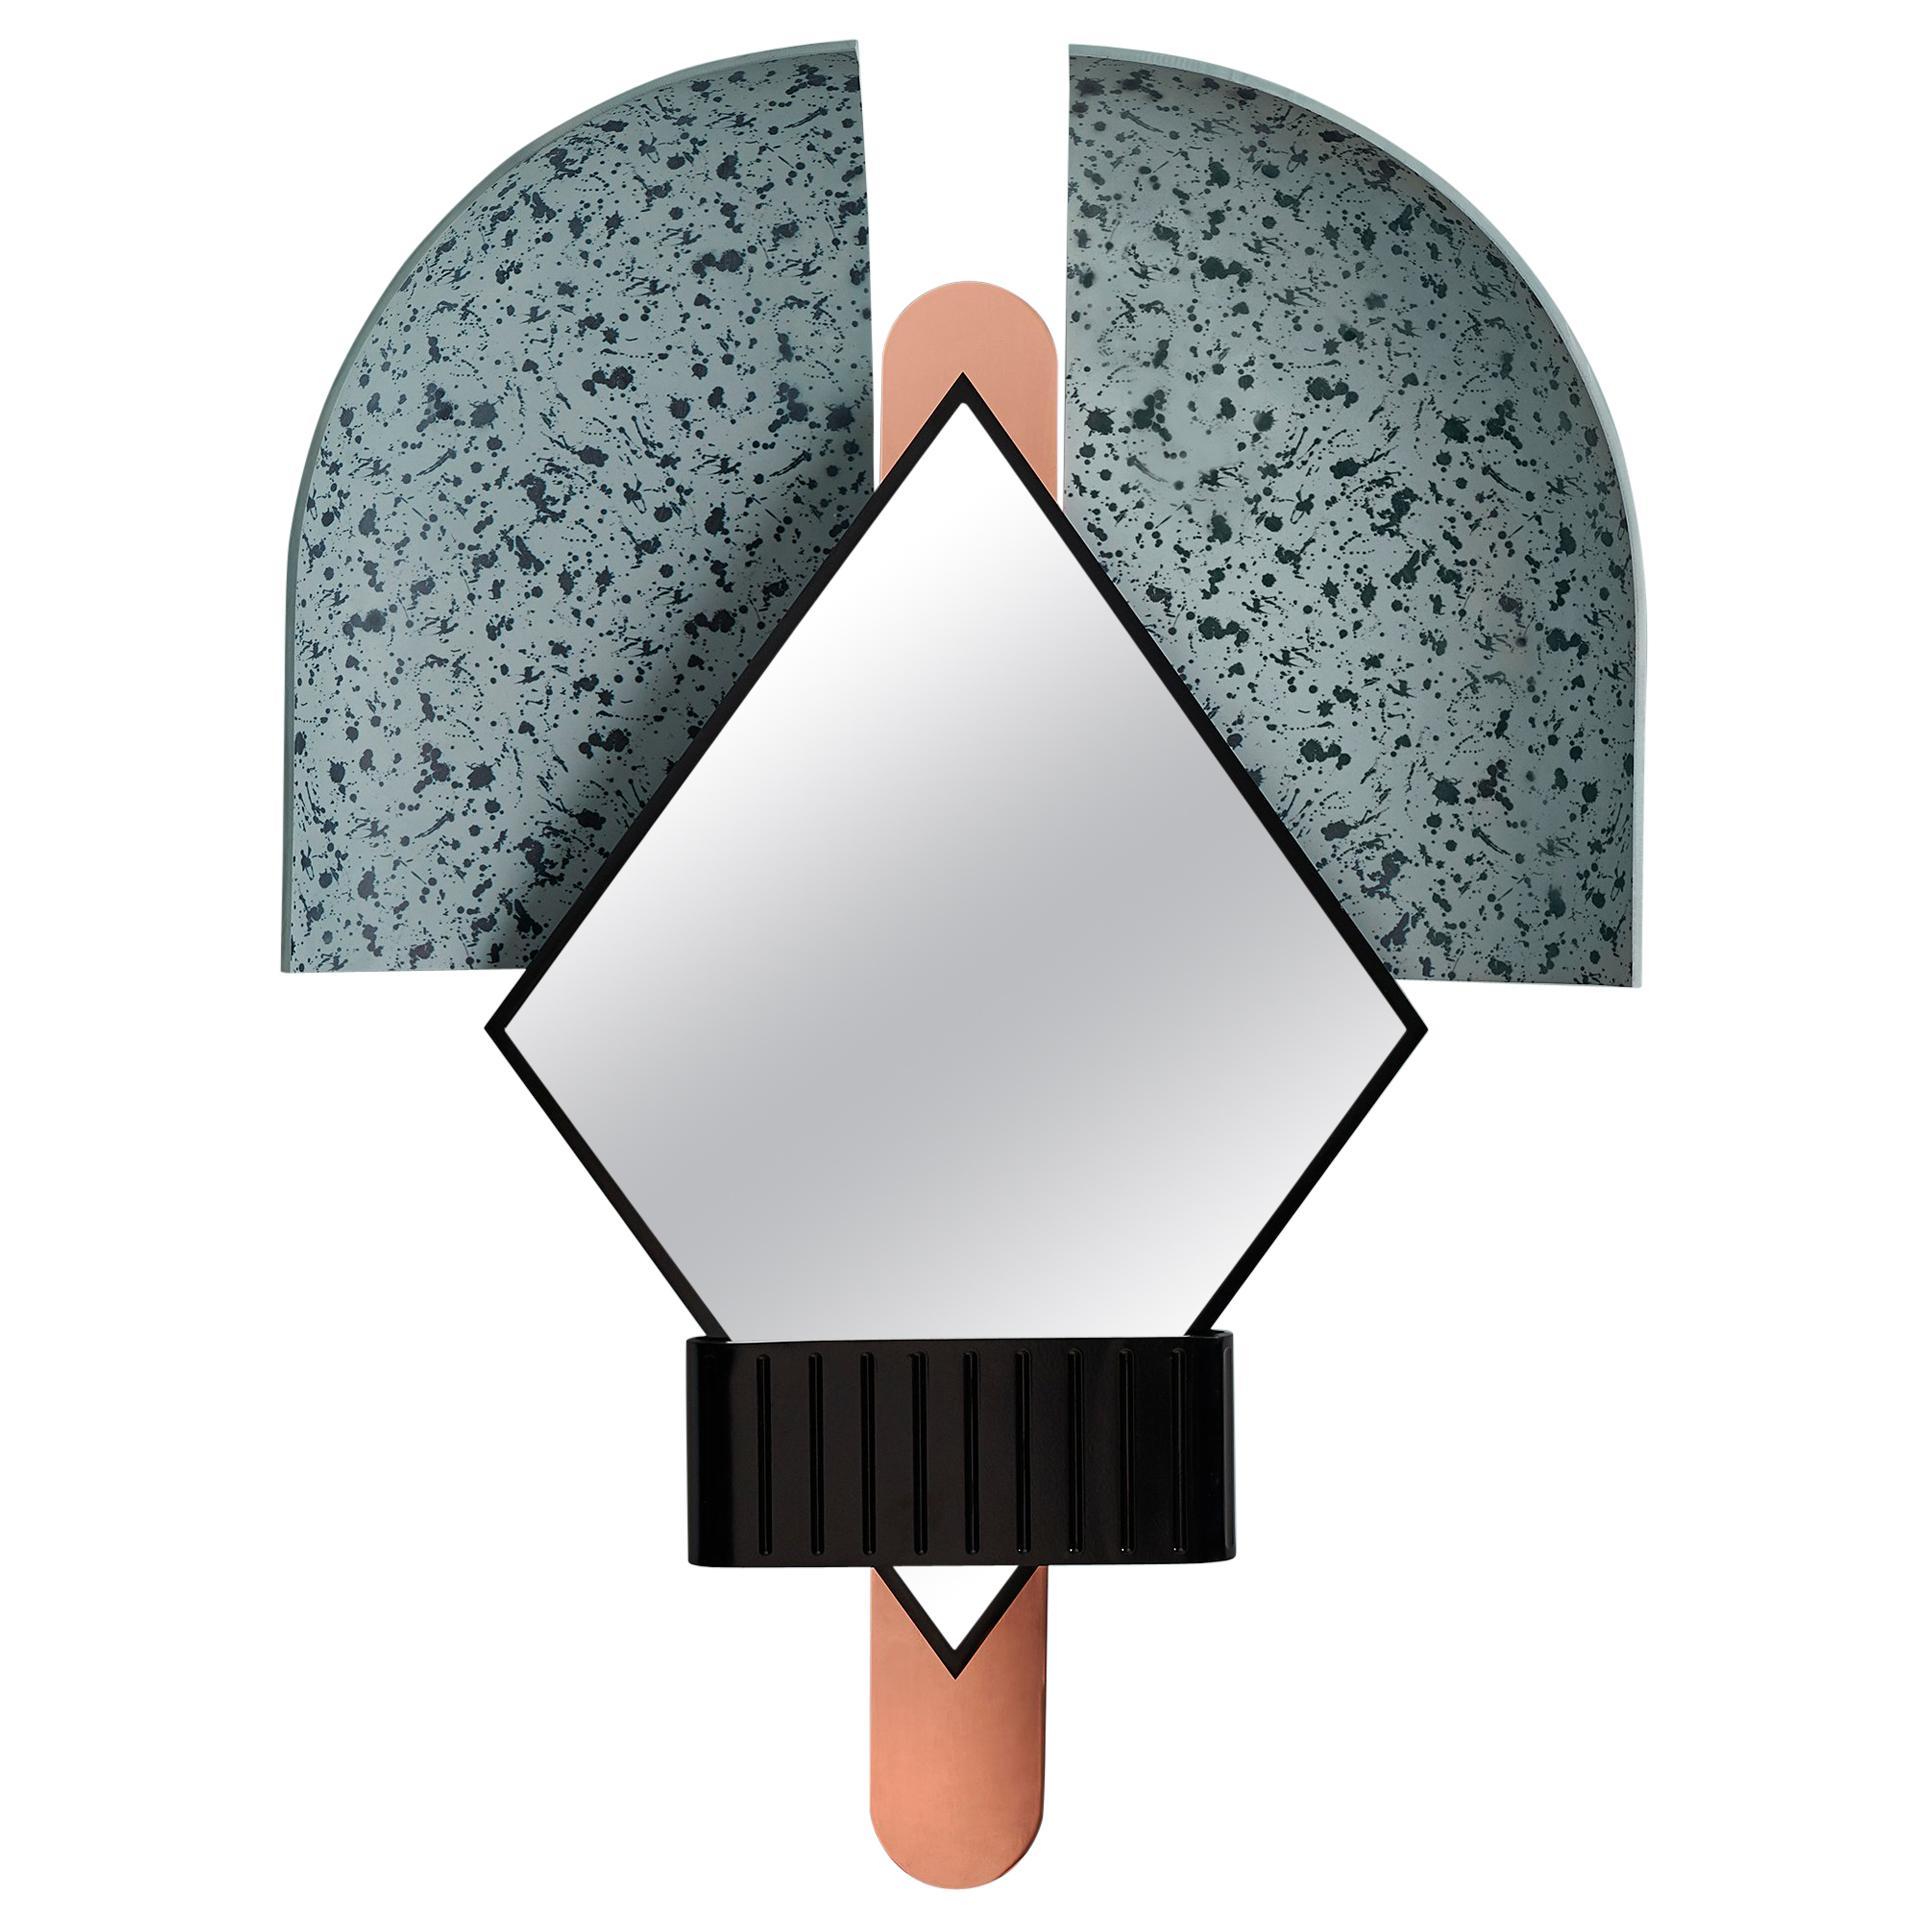 Bonnet Mirror in Light Blue